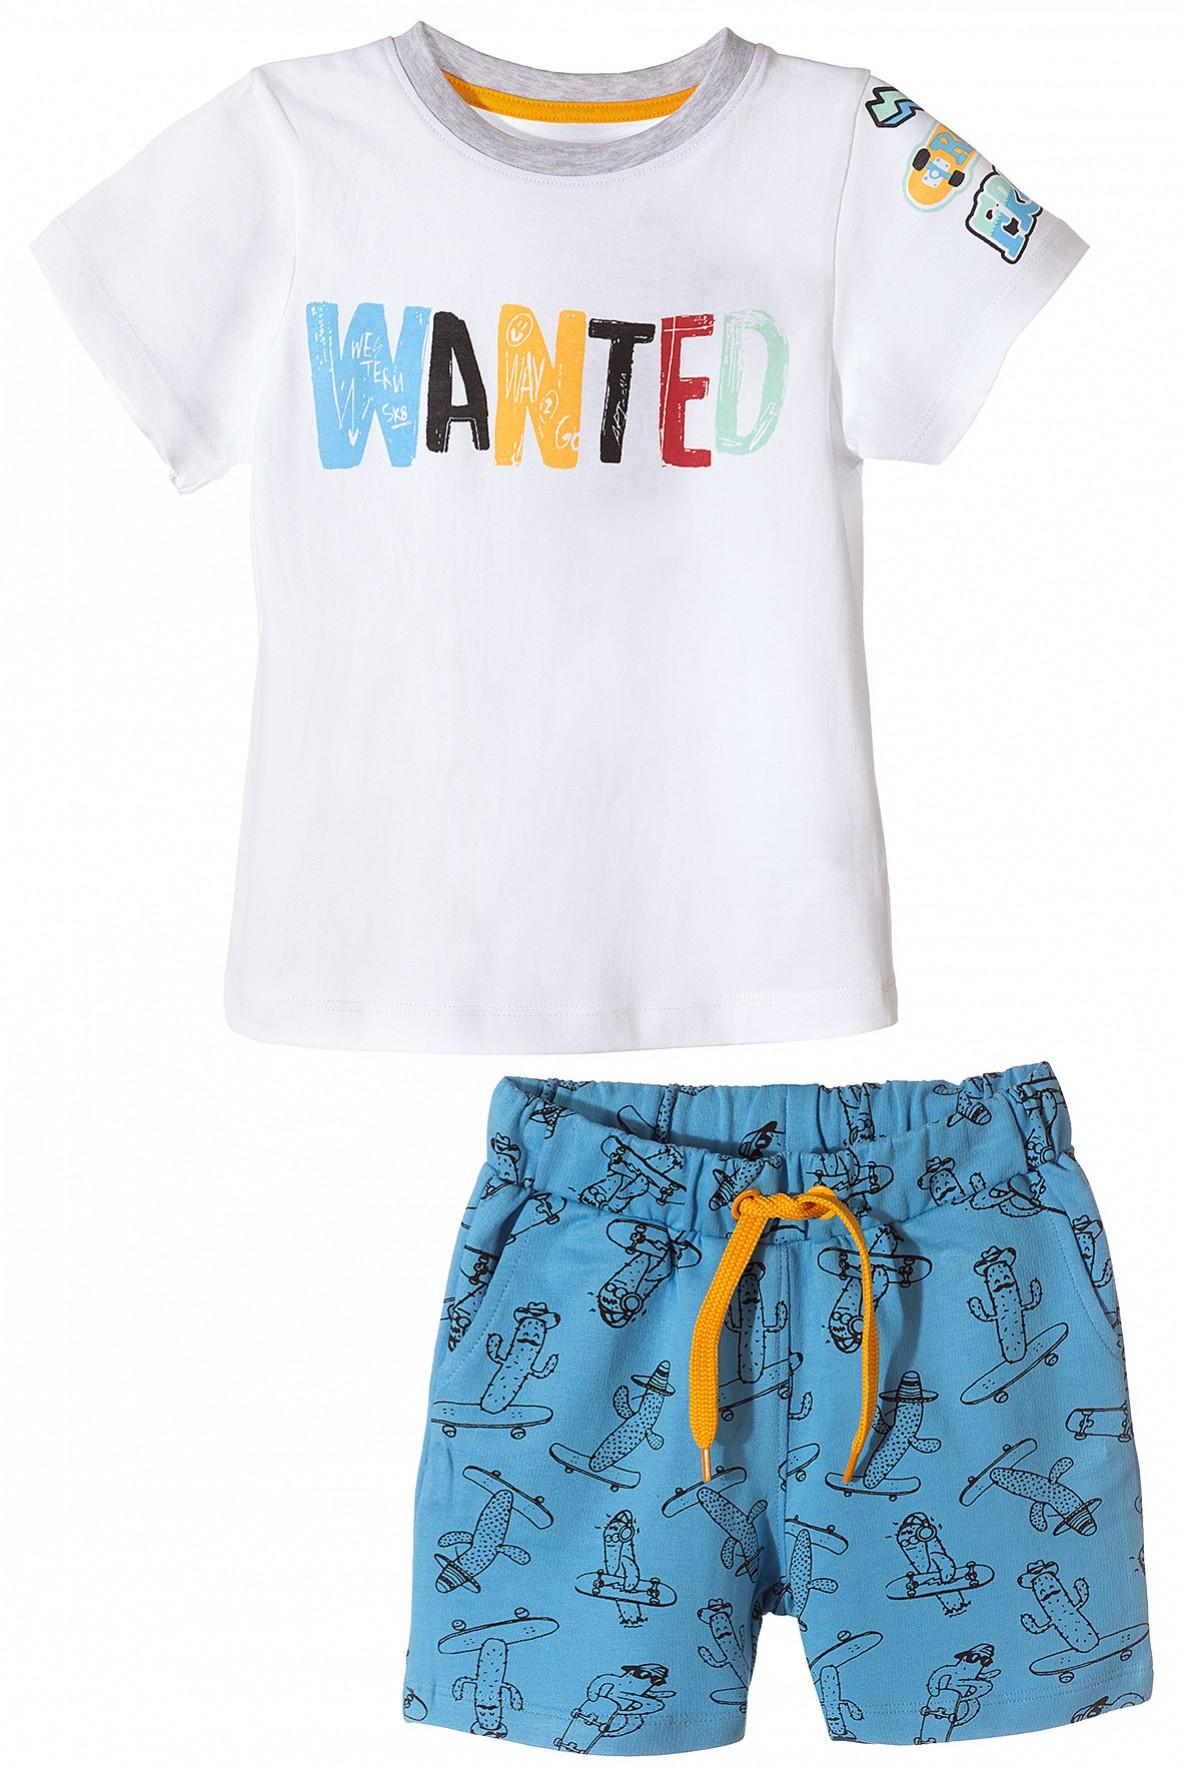 Komplet ubrań na lato- tshirt i niebieskie spodenki w kaktusy